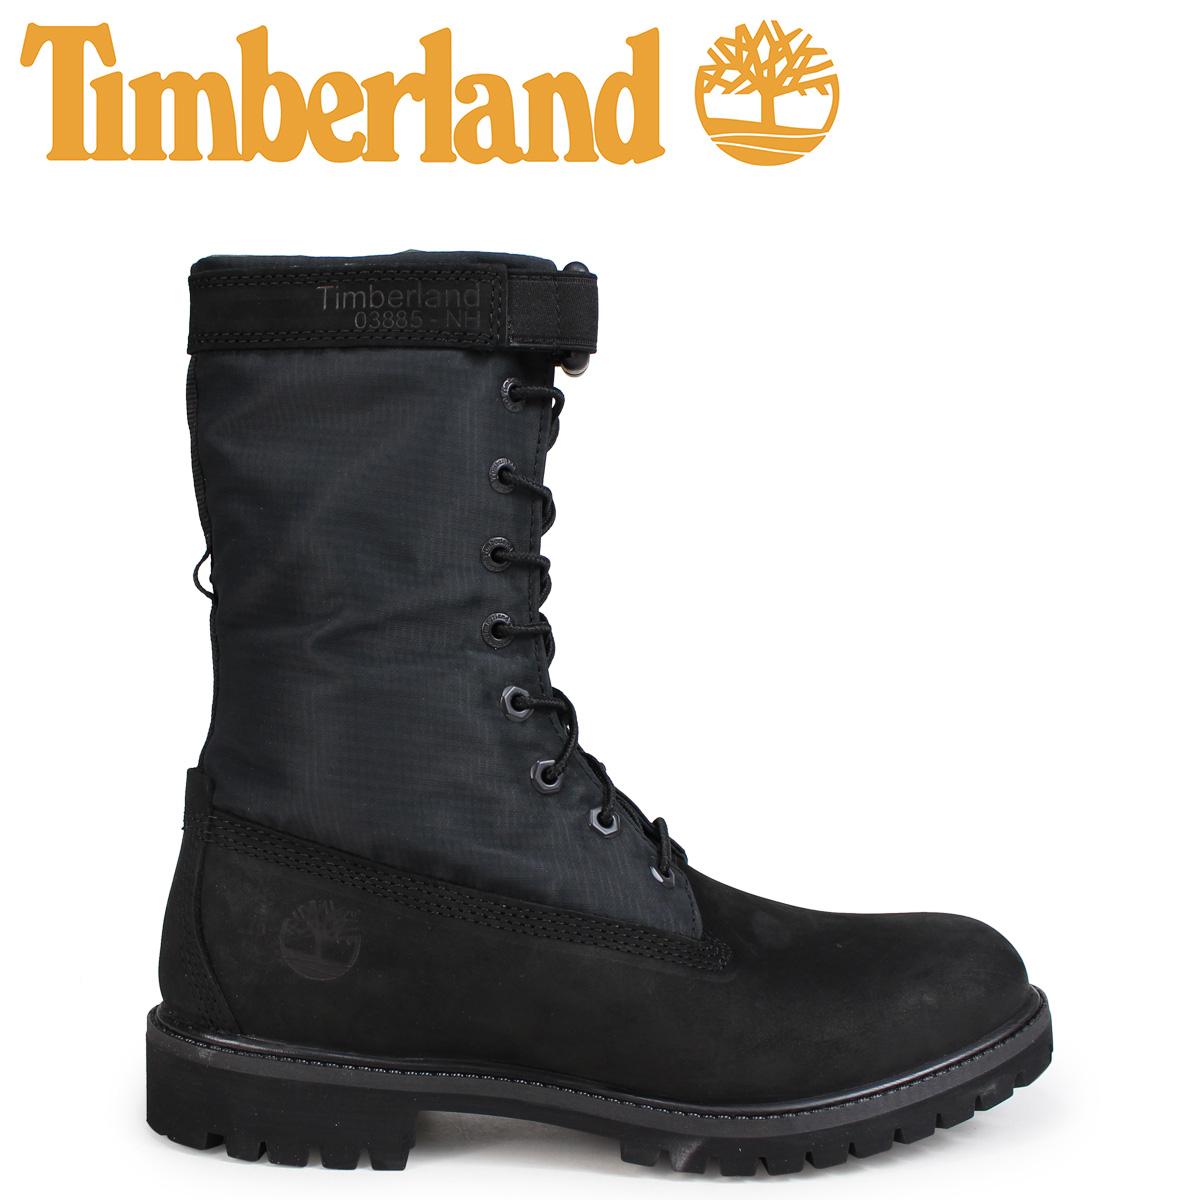 Timberland ブーツ メンズ 6インチ ティンバーランド 6-INCH PREMIUM GAITER BOOTS A1UBP Wワイズ ブラック